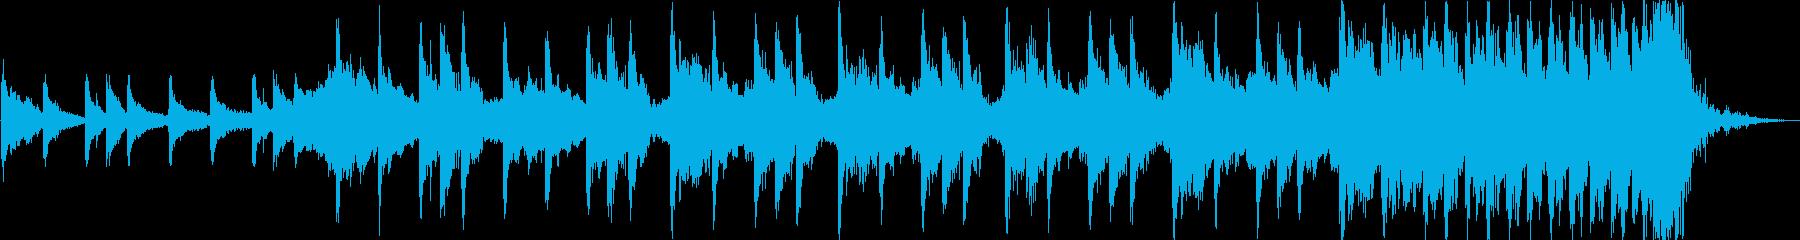 現代的 交響曲 バトル 焦り 緊張...の再生済みの波形